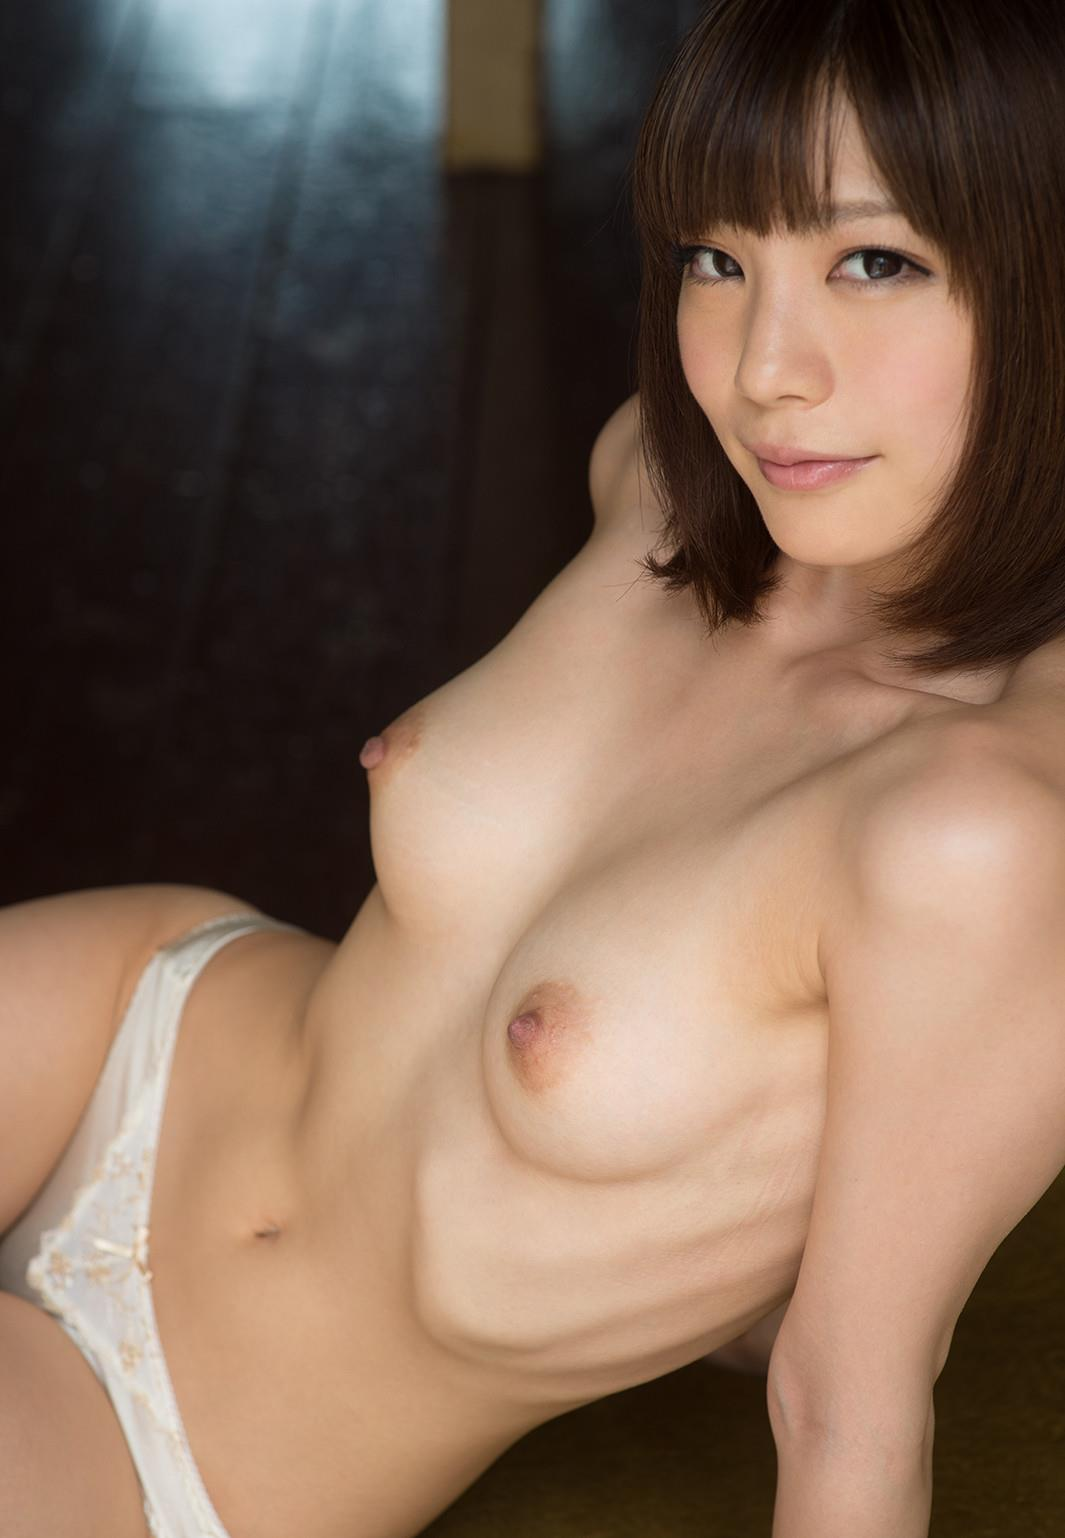 ショートヘアも可愛い、鈴村あいり (19)